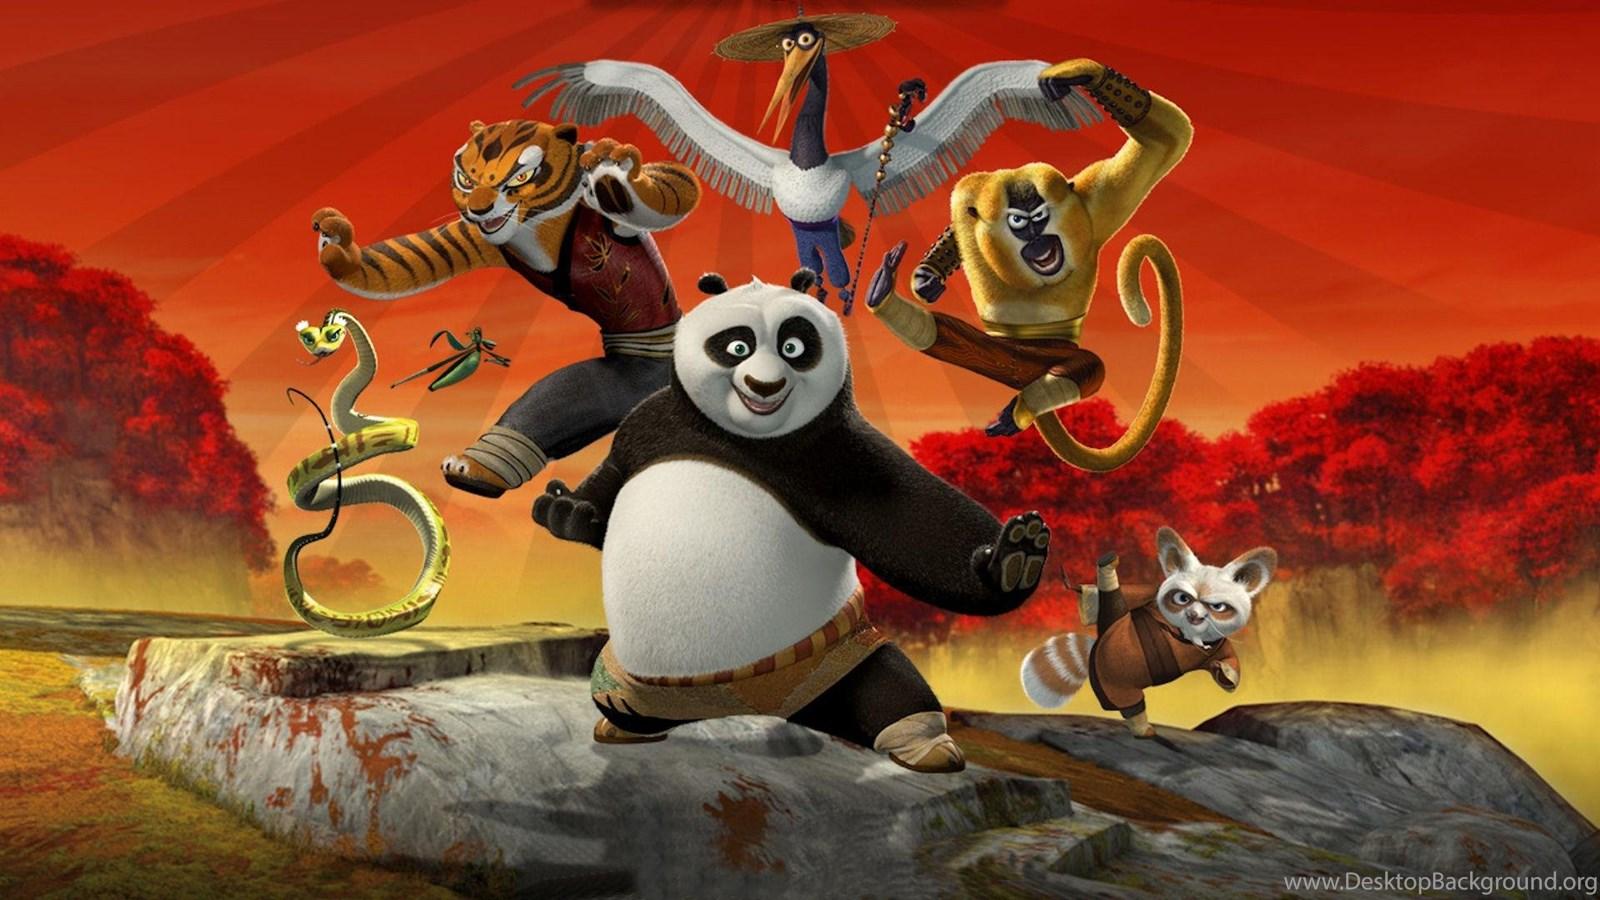 kung fu panda tigress wallpaper. desktop background